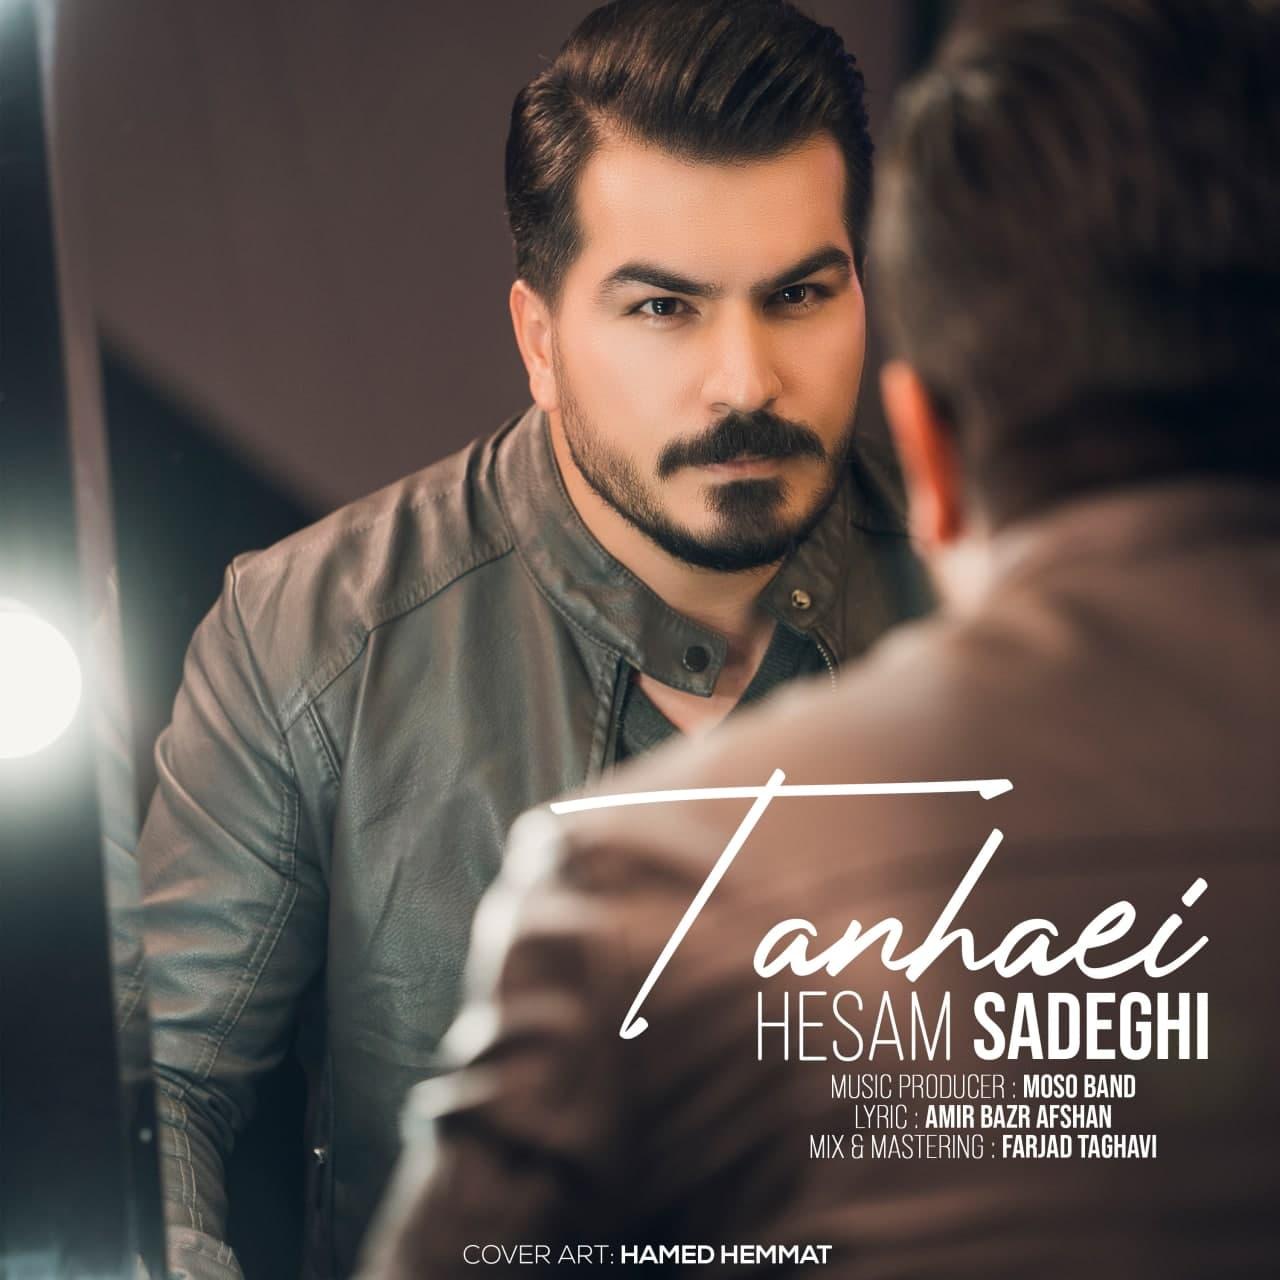 دانلود موزیک جدید تنهایی از حسام صادقی